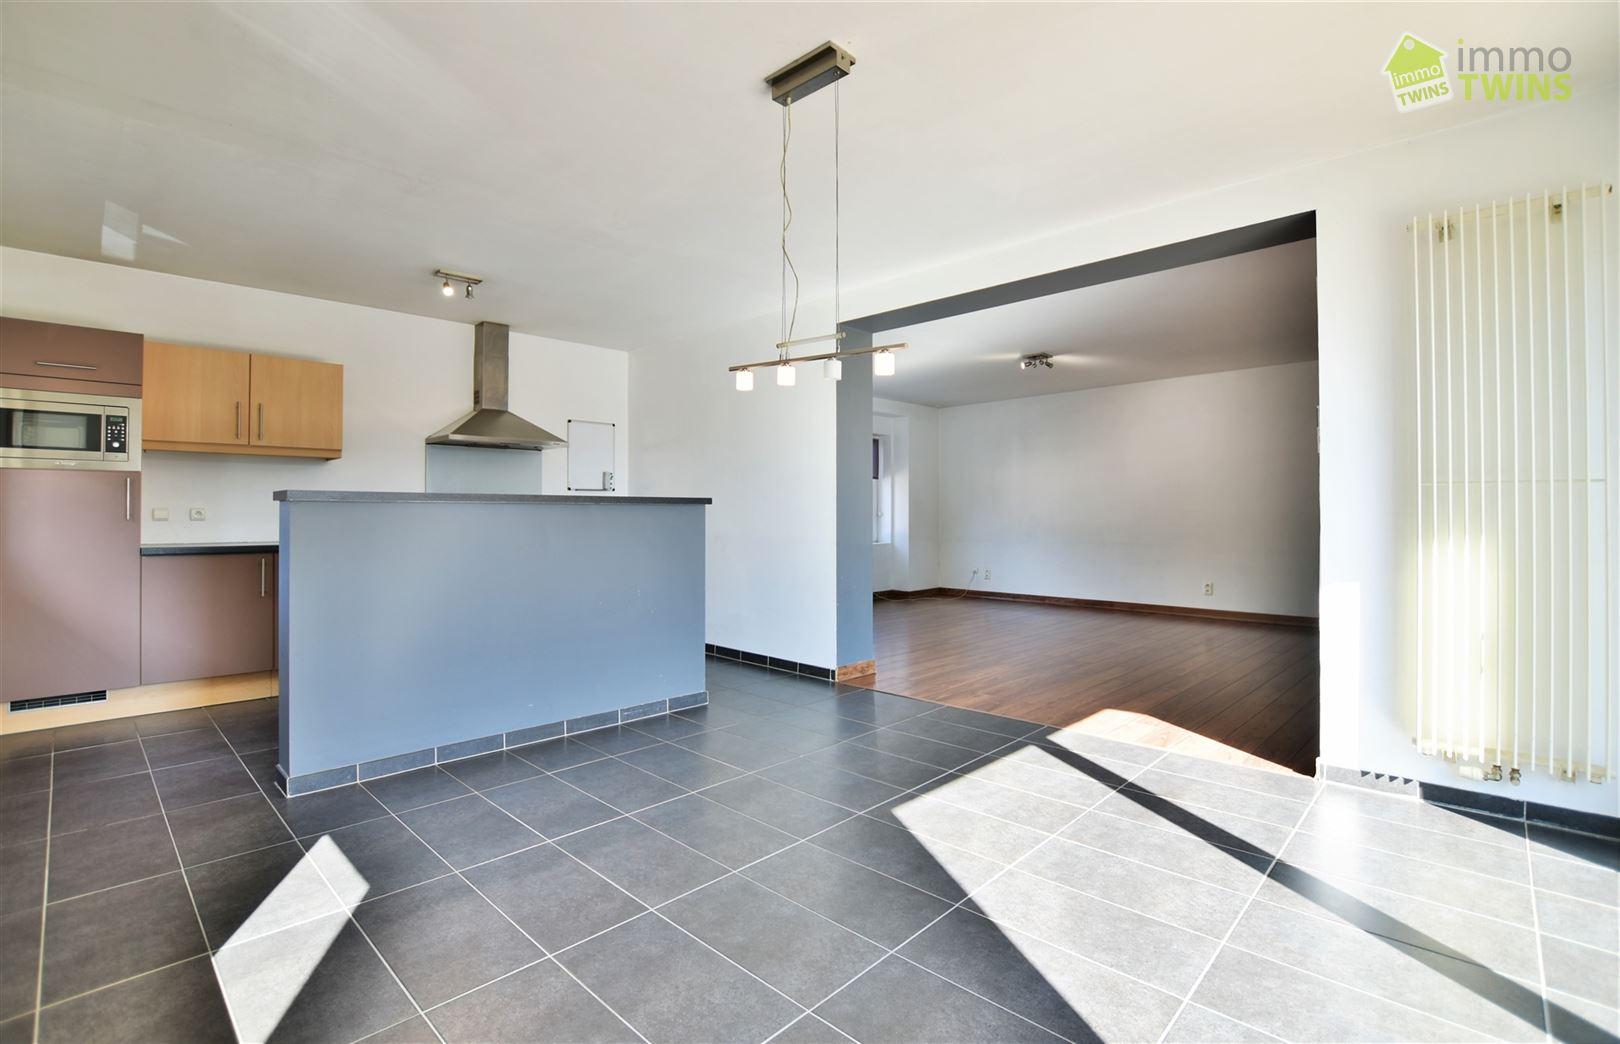 Foto 4 : Appartement te 9200 Sint-Gillis-bij-Dendermonde (België) - Prijs € 219.000